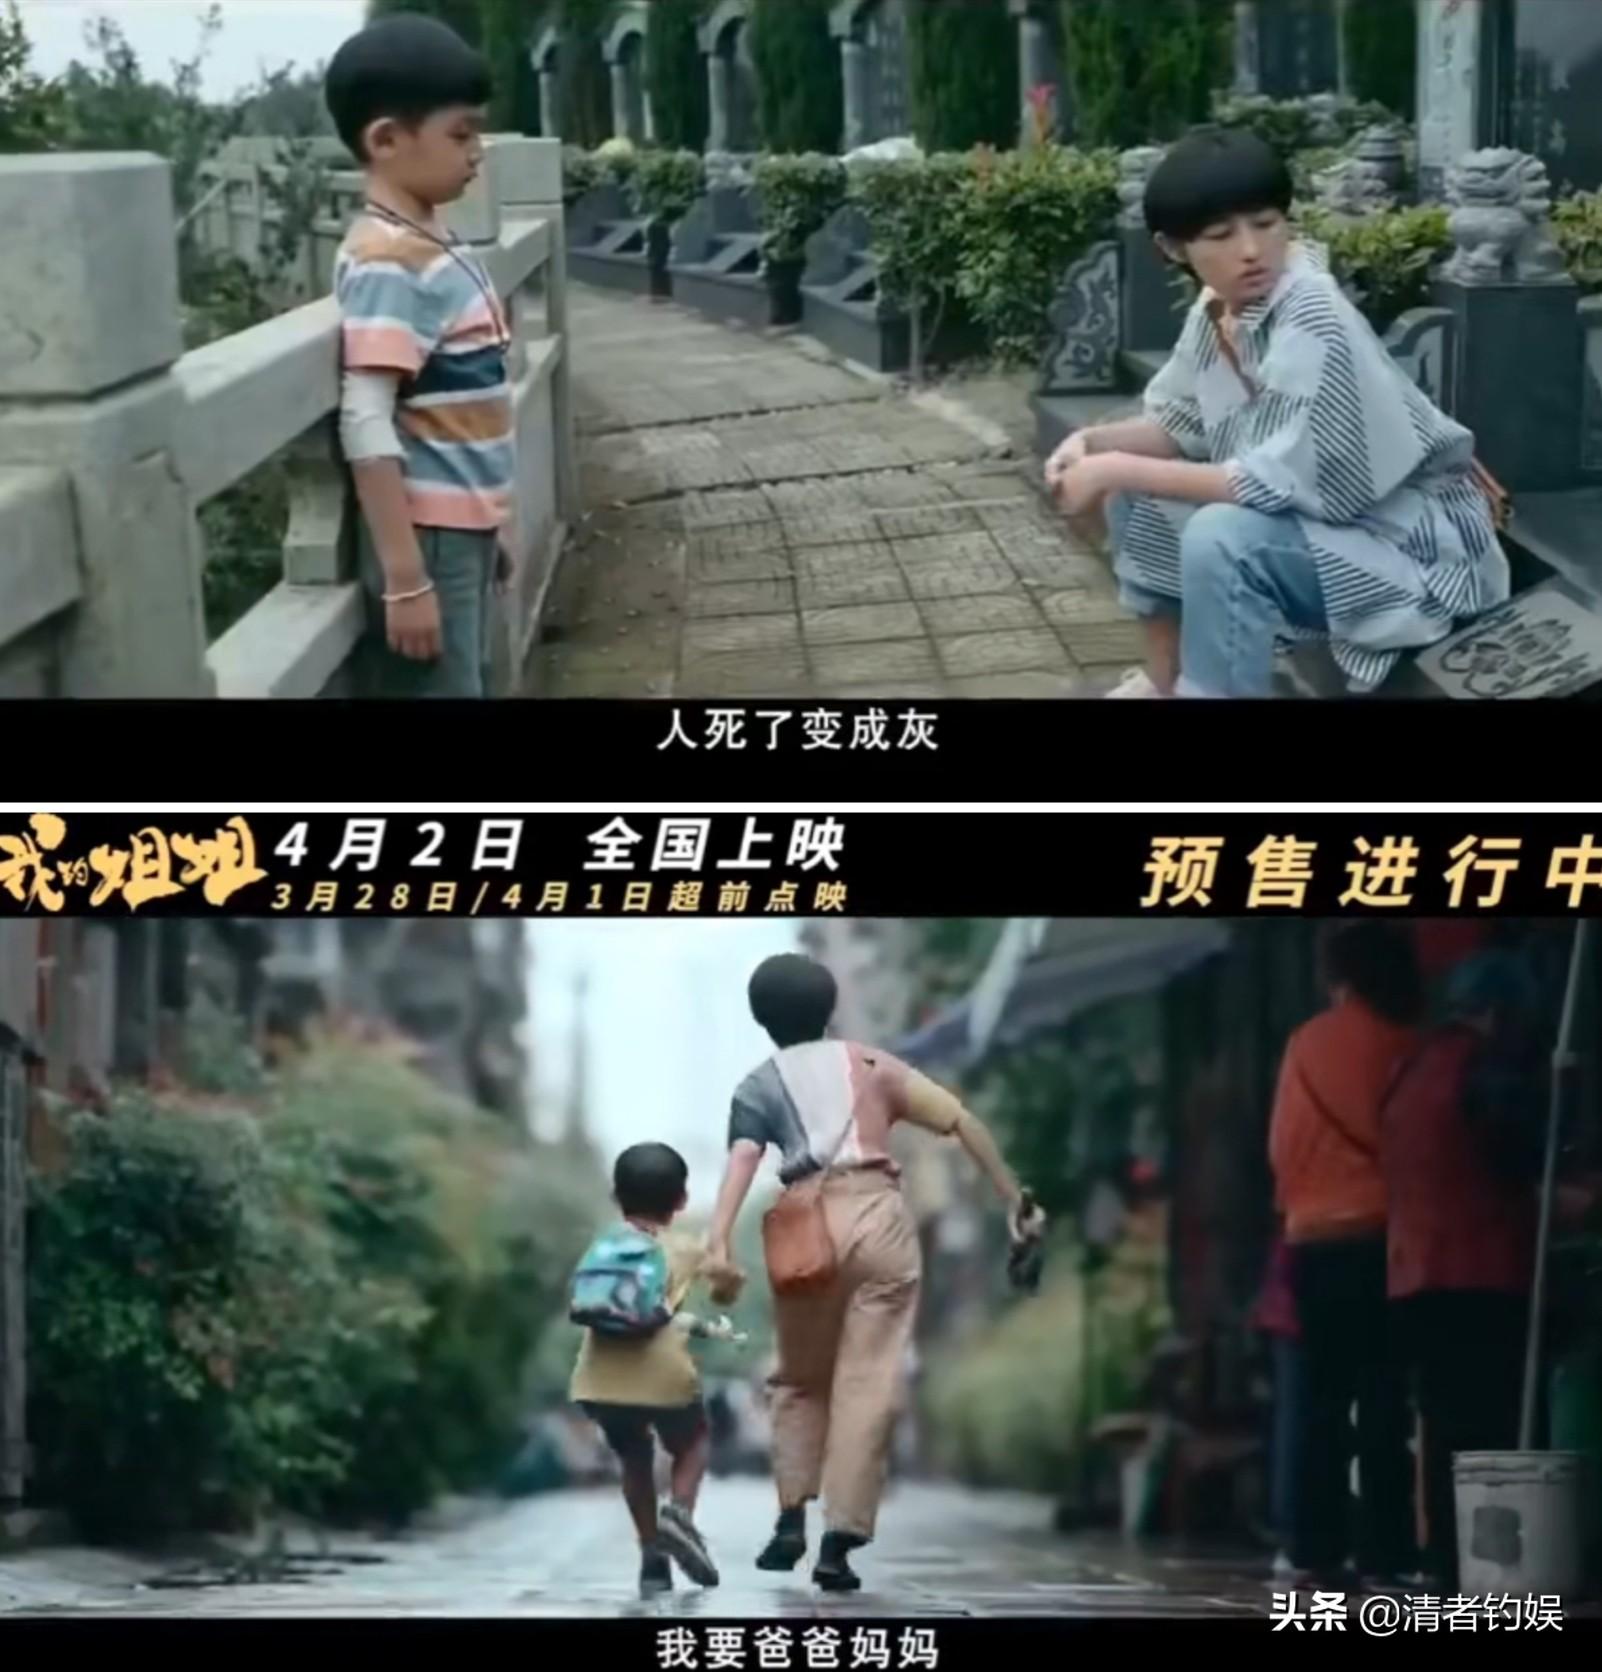 这才是敬业演员!张子枫谈我的姐姐哭戏:我做不到不真诚拍每一条